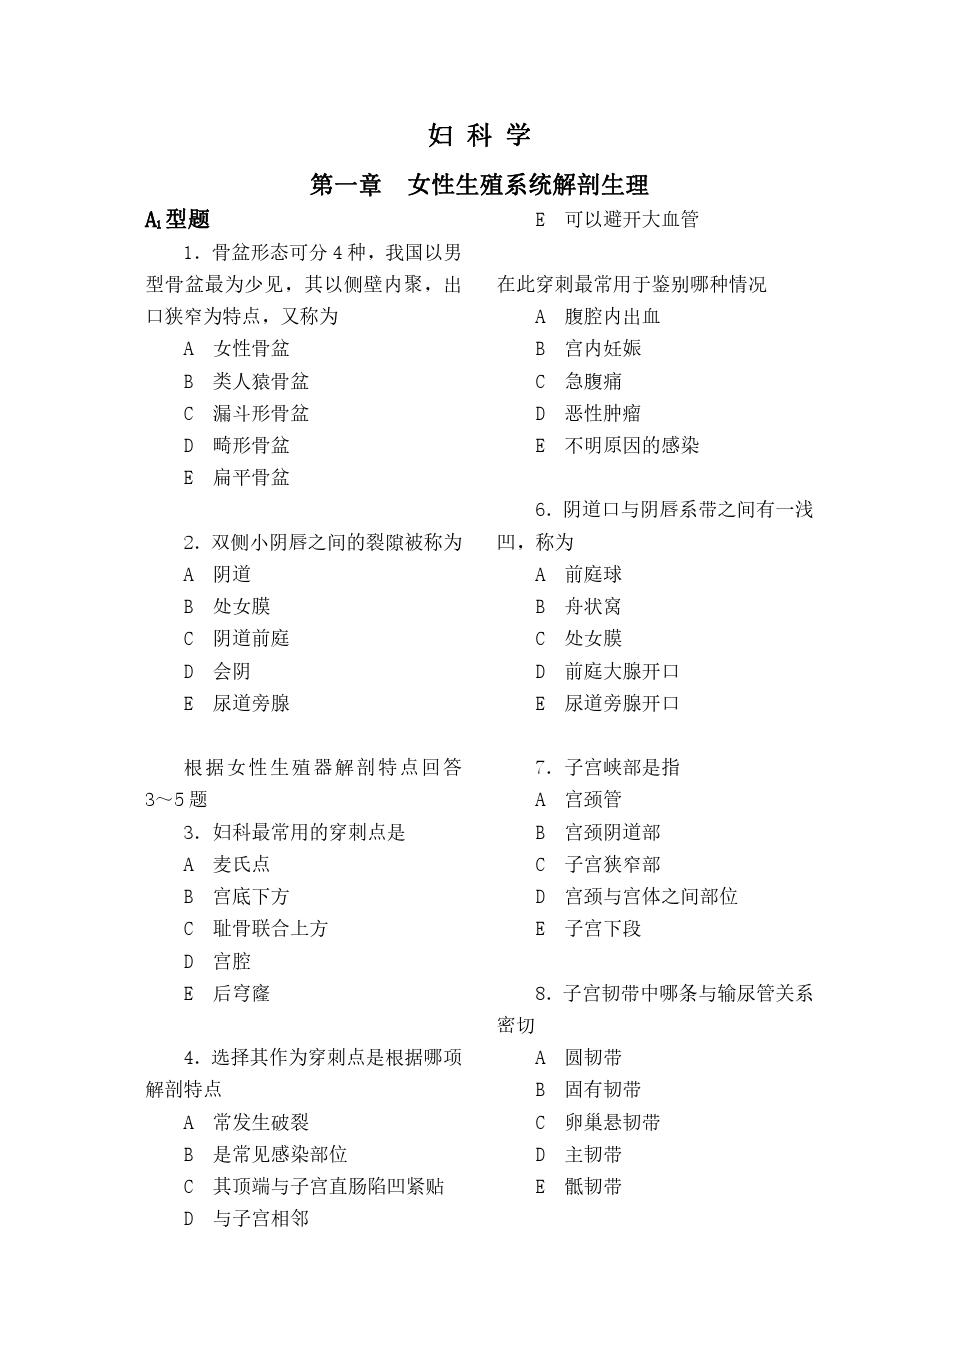 妇产科-执业医师考试-题库-(含答案)